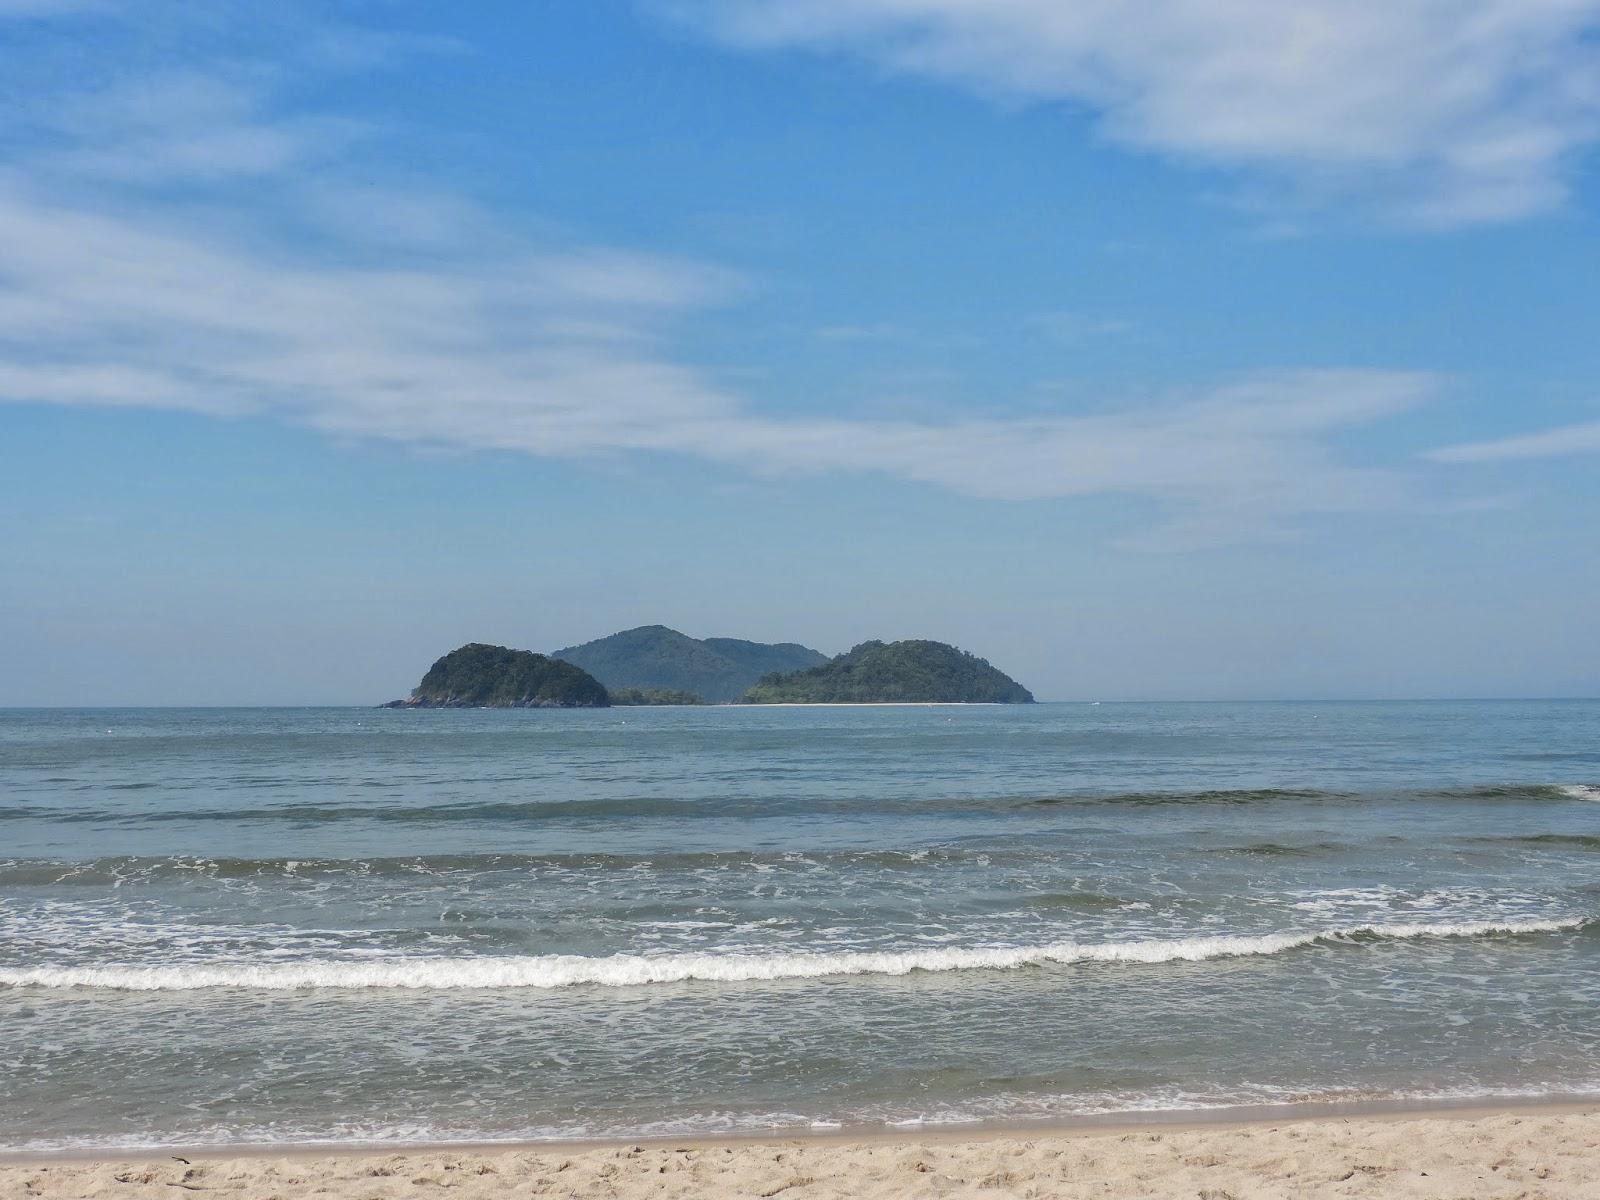 ac1a96e84fe2 Chegue cedo, pois essa praia tem um espaço estreito de areia e depois das  10 horas fica lotada! Sim, fica lotada nos finais de semana quentes, ...